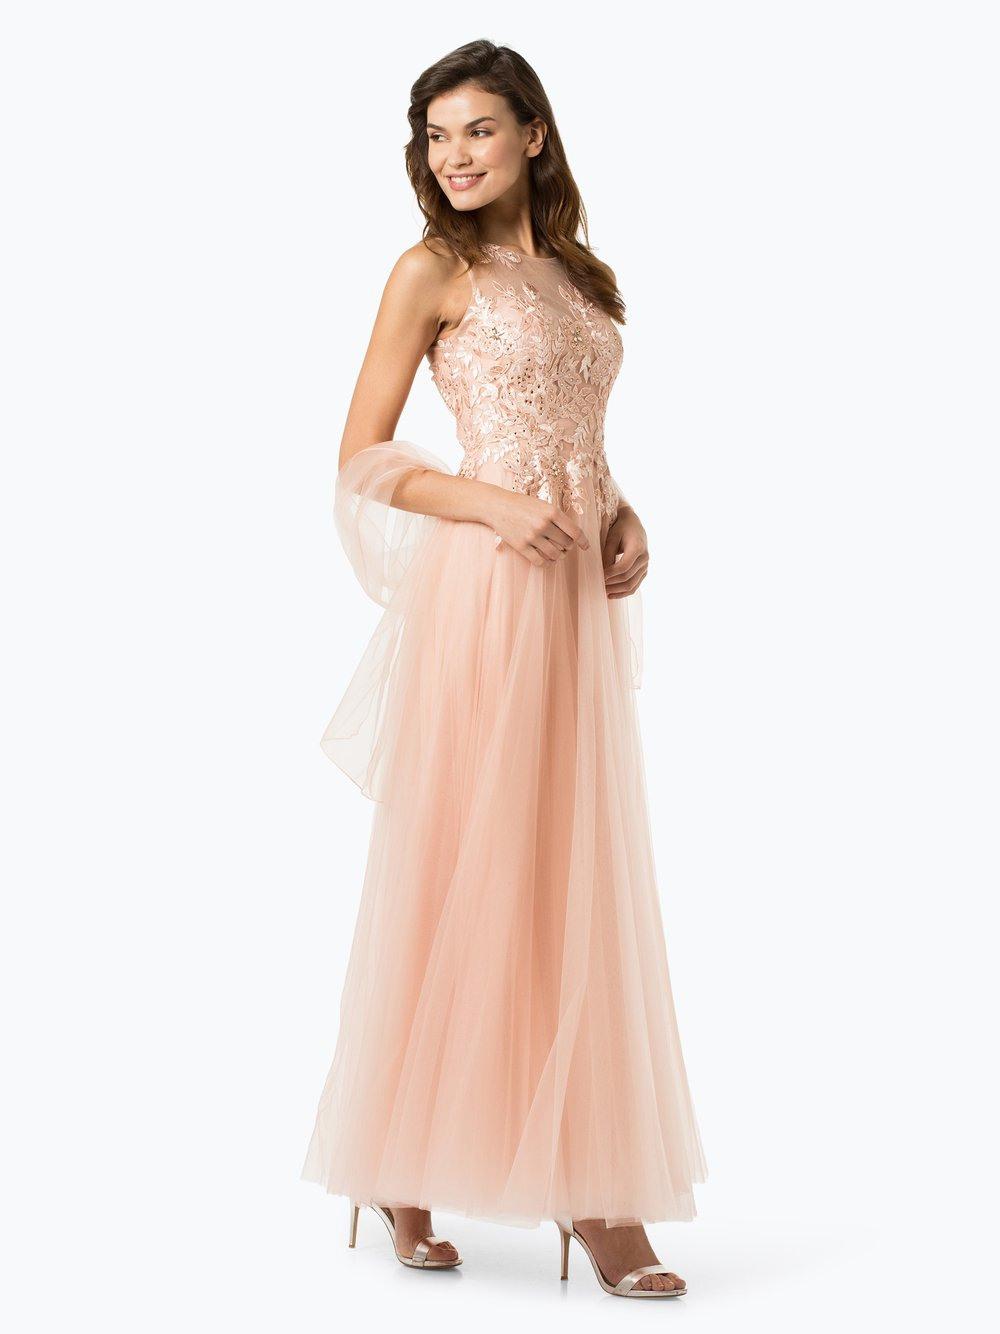 17 Luxus Abend Kleid Online Kaufen Design Perfekt Abend Kleid Online Kaufen für 2019